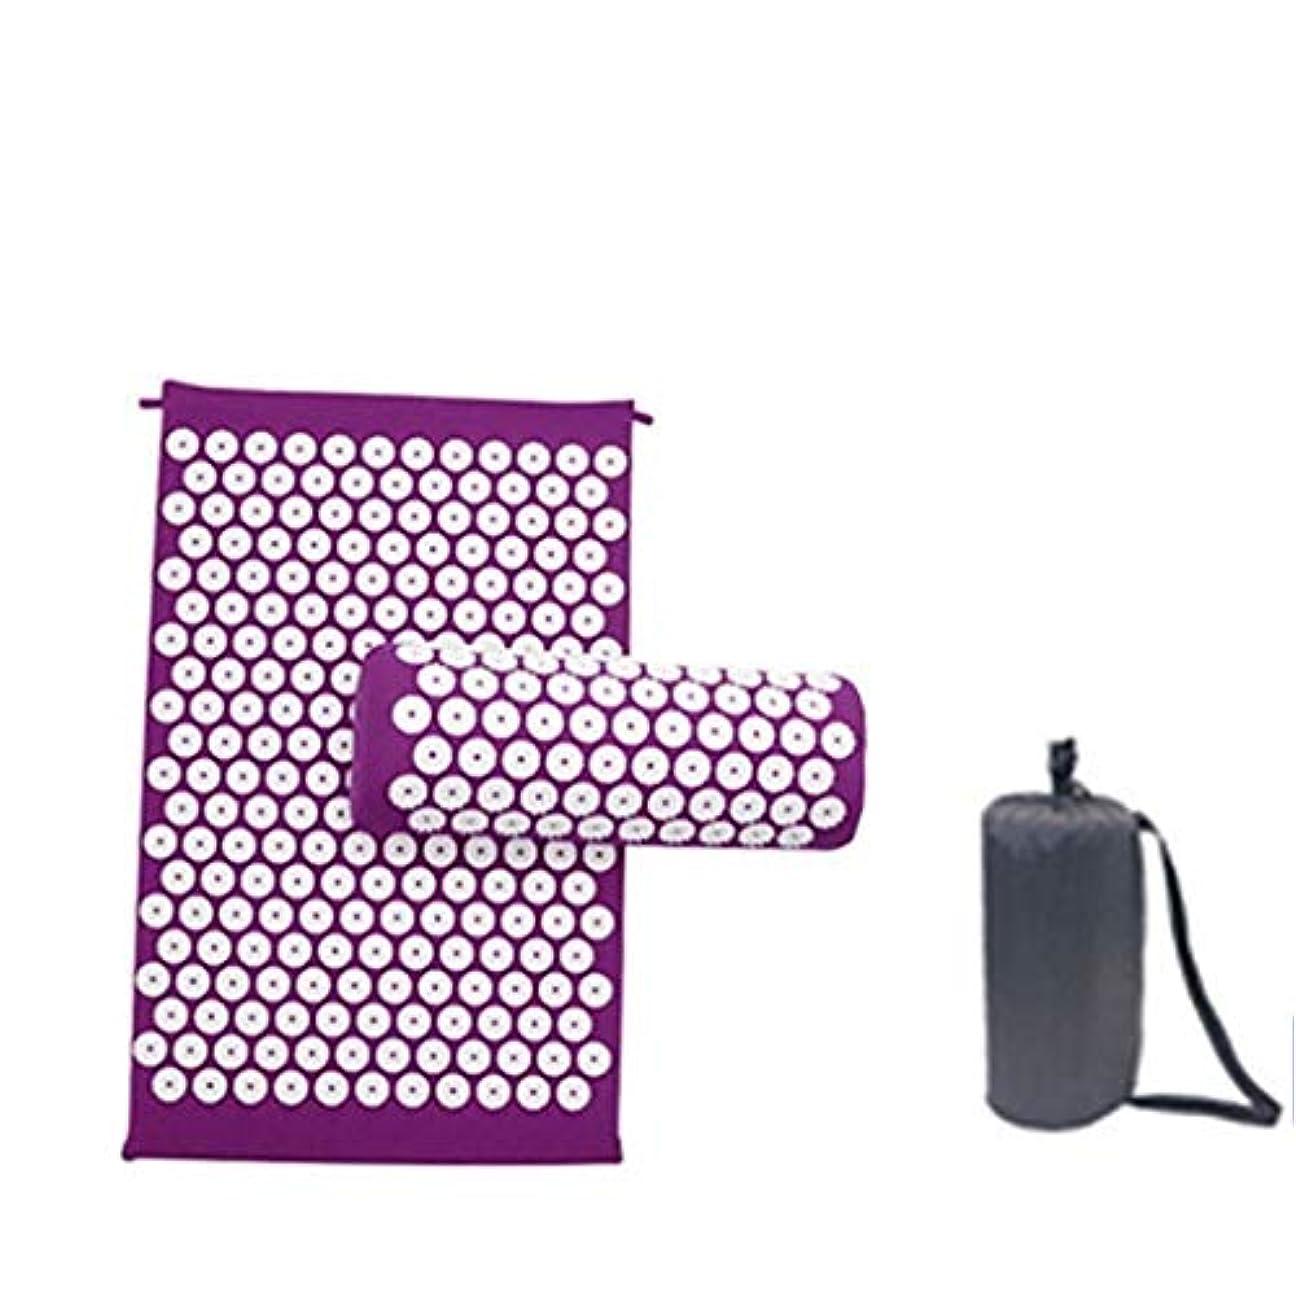 ヨガマット、マッサージクッション、鍼灸マッサージクッションは、圧力/腰痛指圧クッション/枕、ヨガマットを和らげます (Color : 紫の, Size : 1)